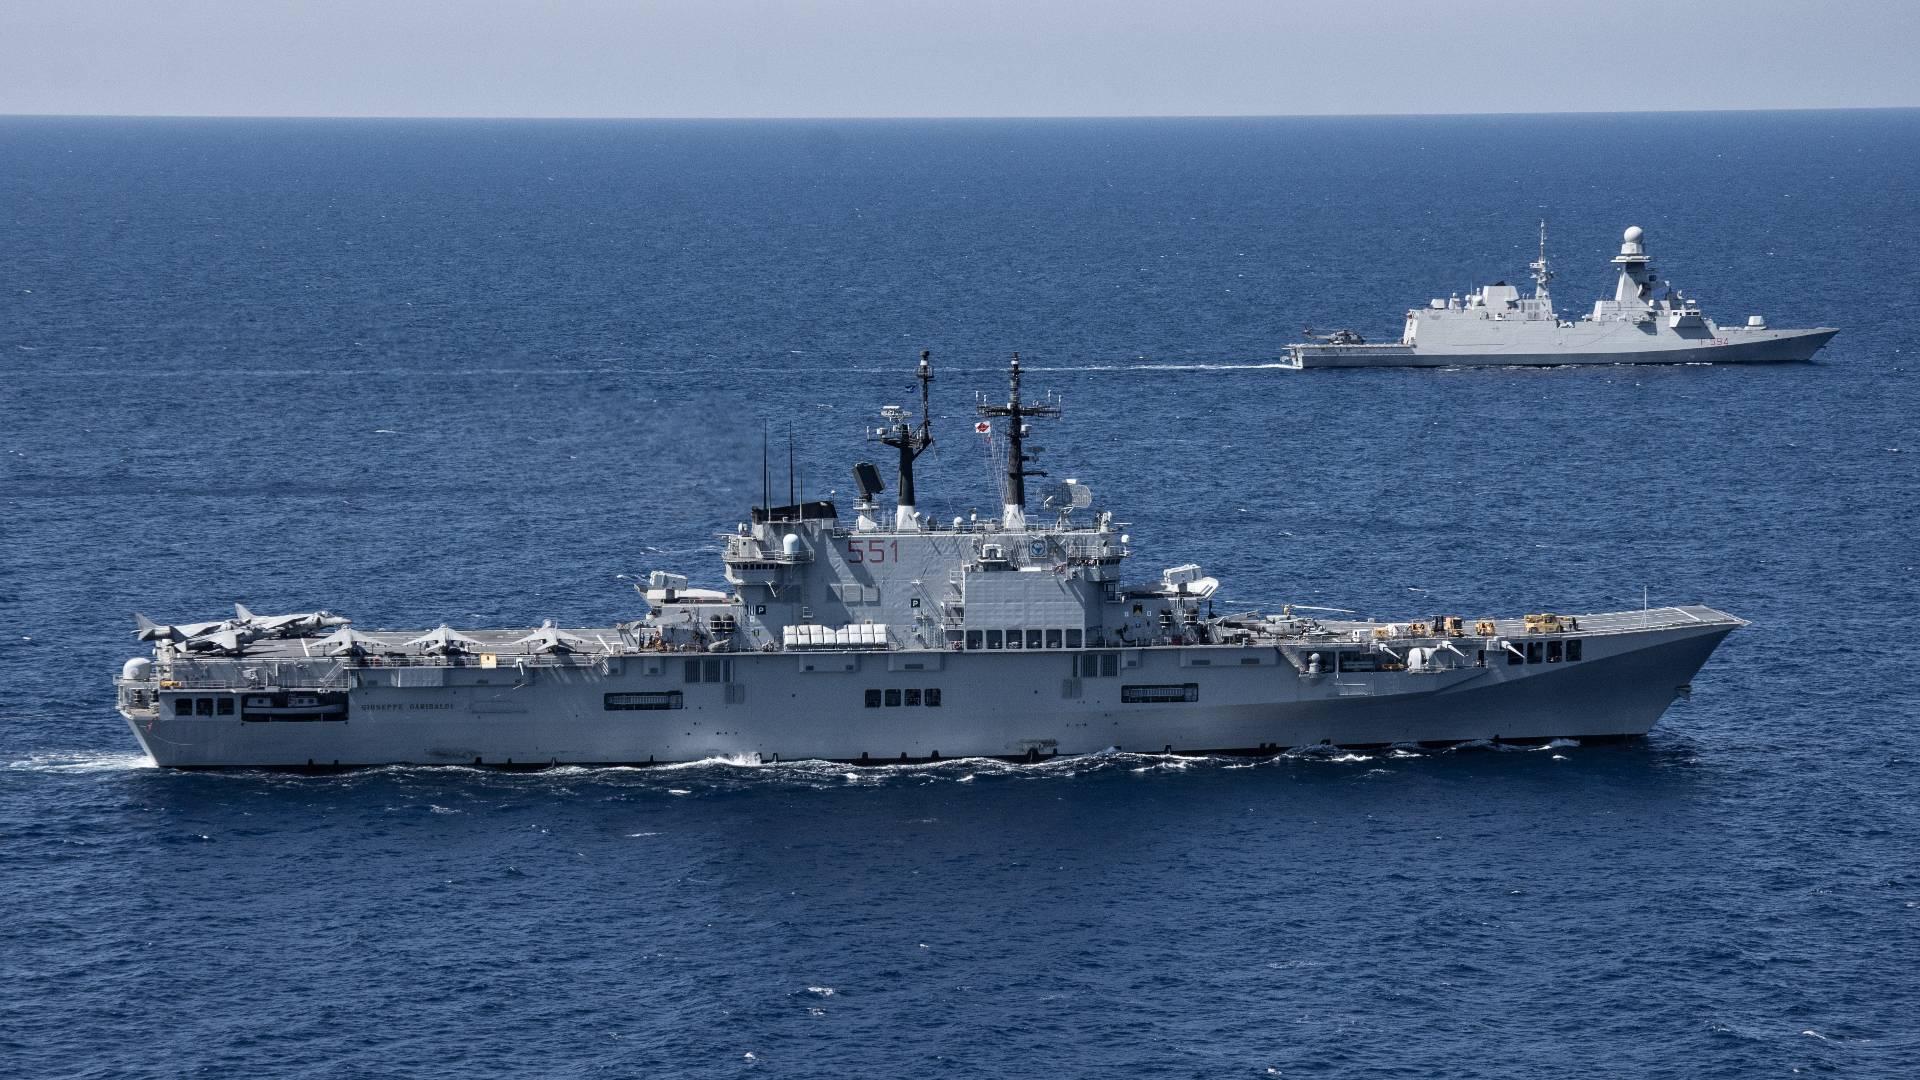 Корабли постоят: Британия потеряла все эсминцы после провокации в Крыму